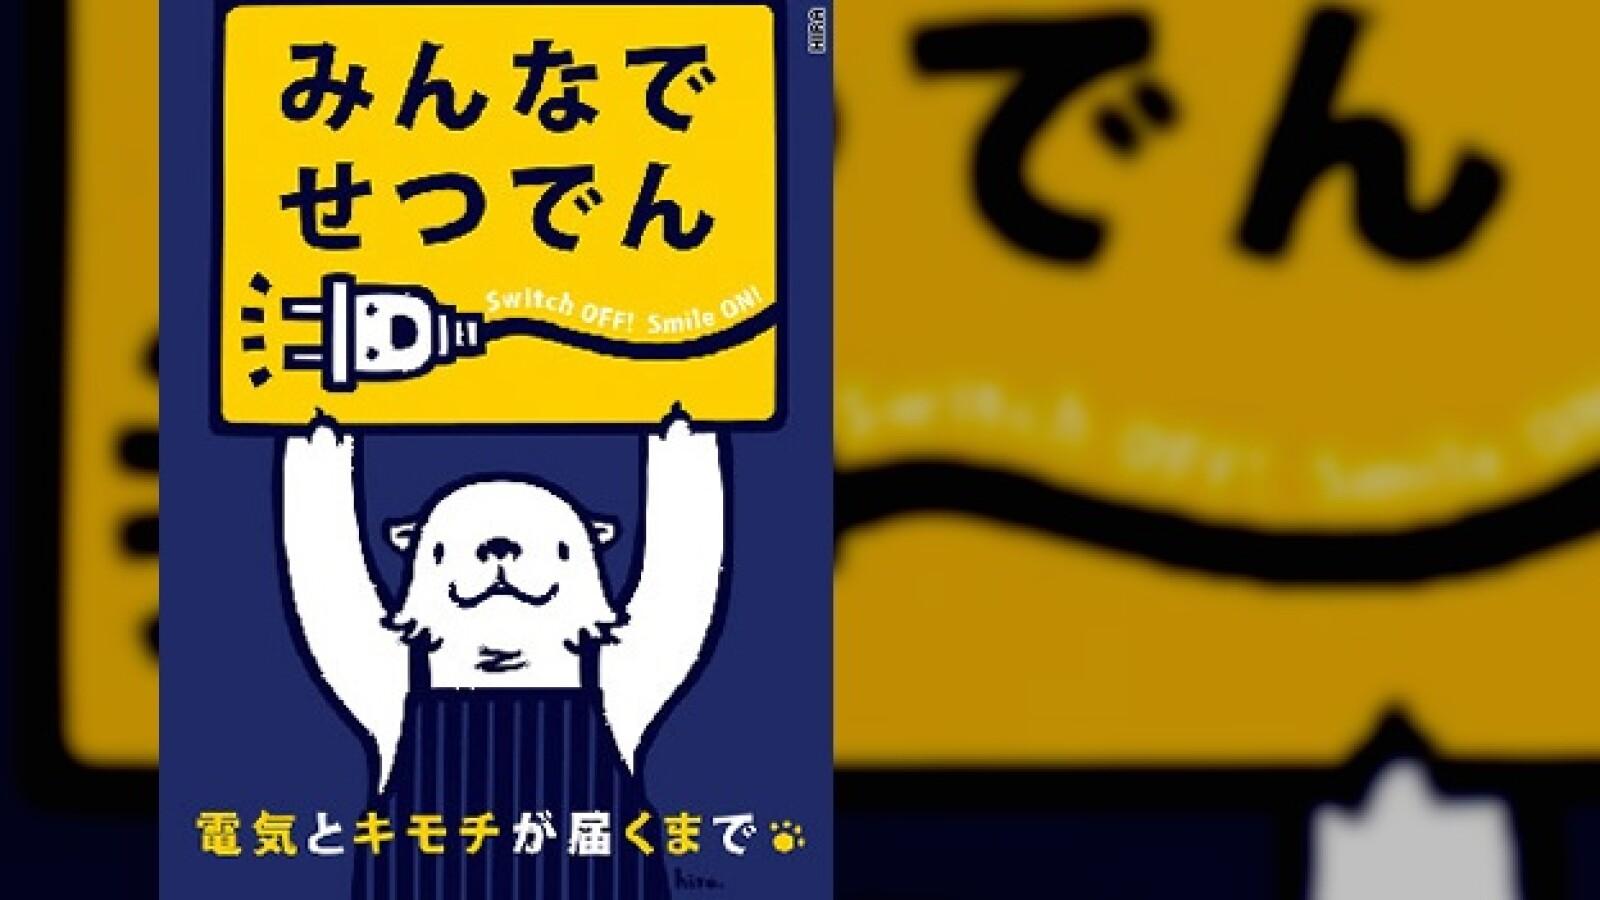 japón ahorro energético poster 02